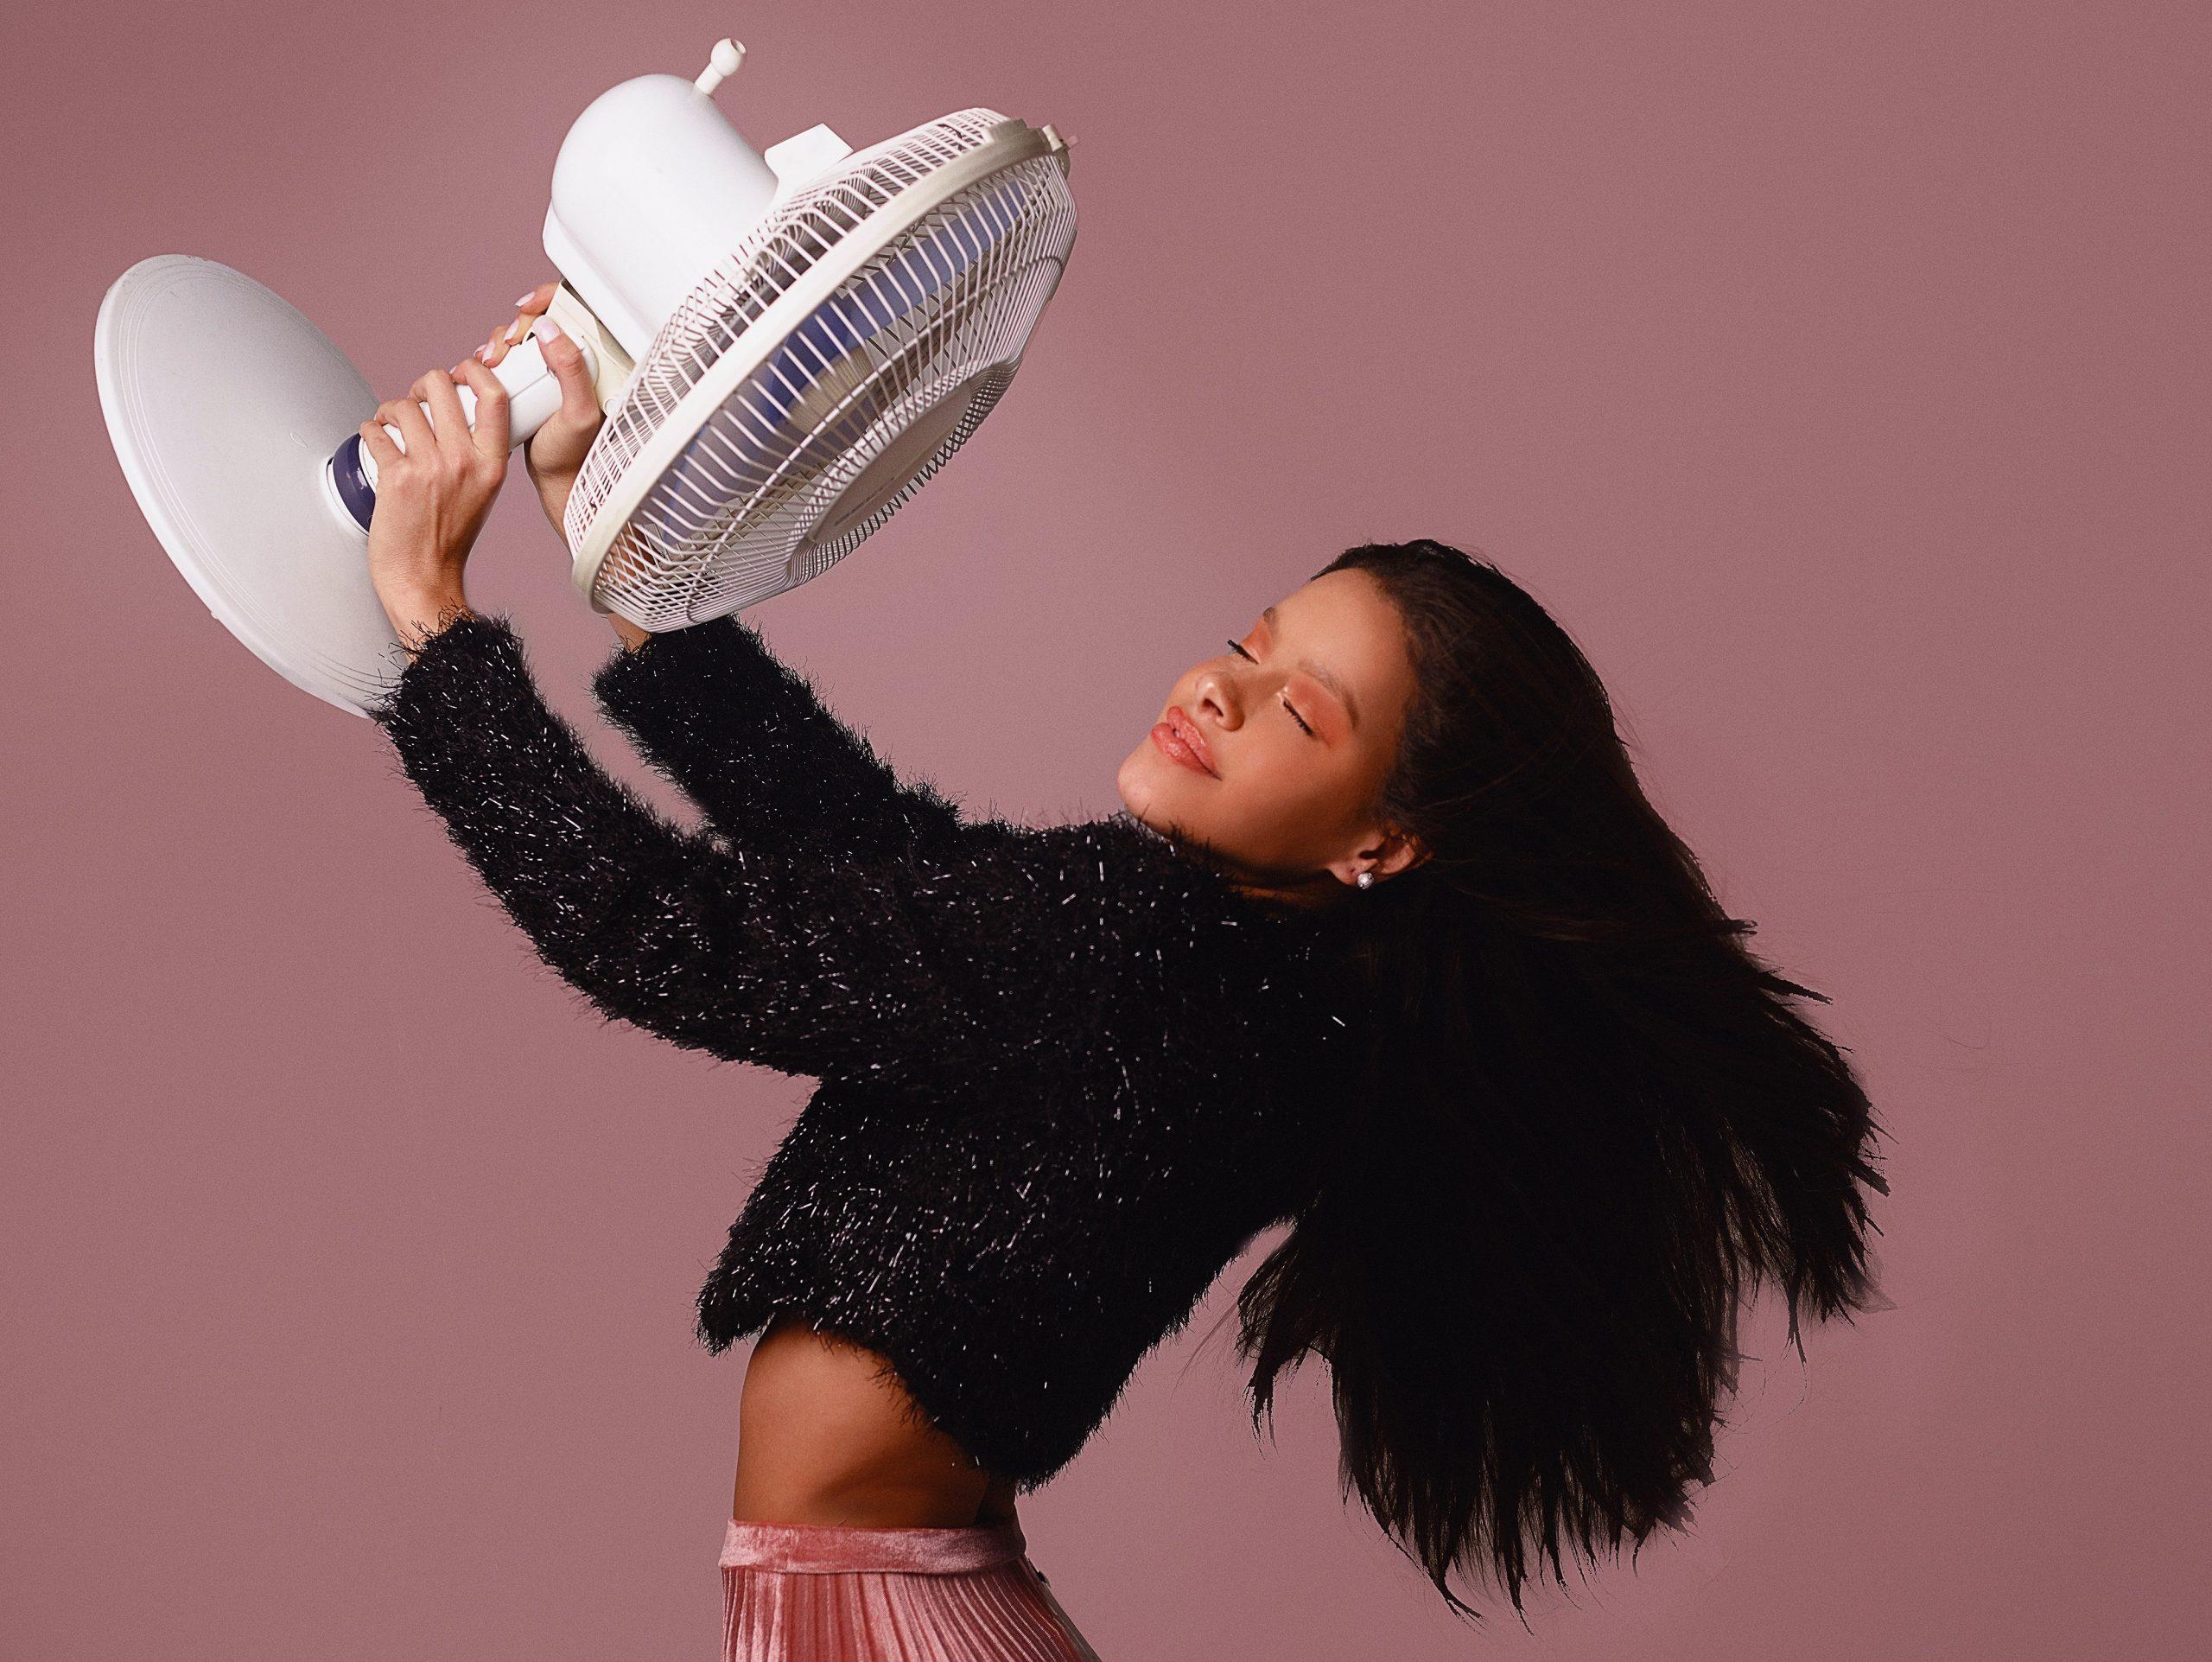 Imagem de uma mulher segurando um ventilador.